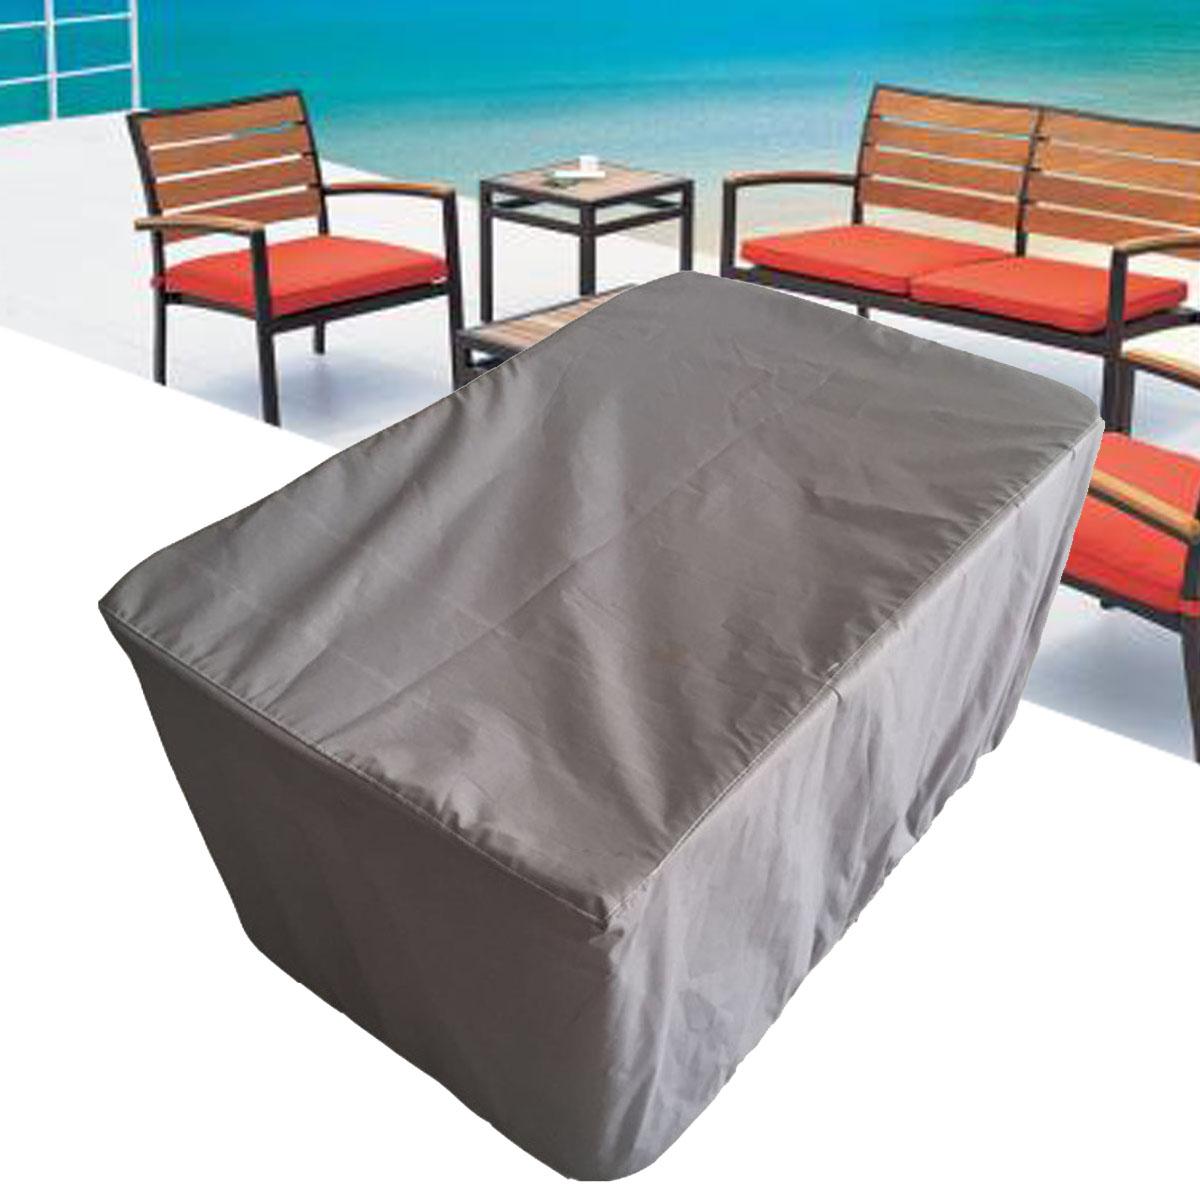 1 X Furniture Cover